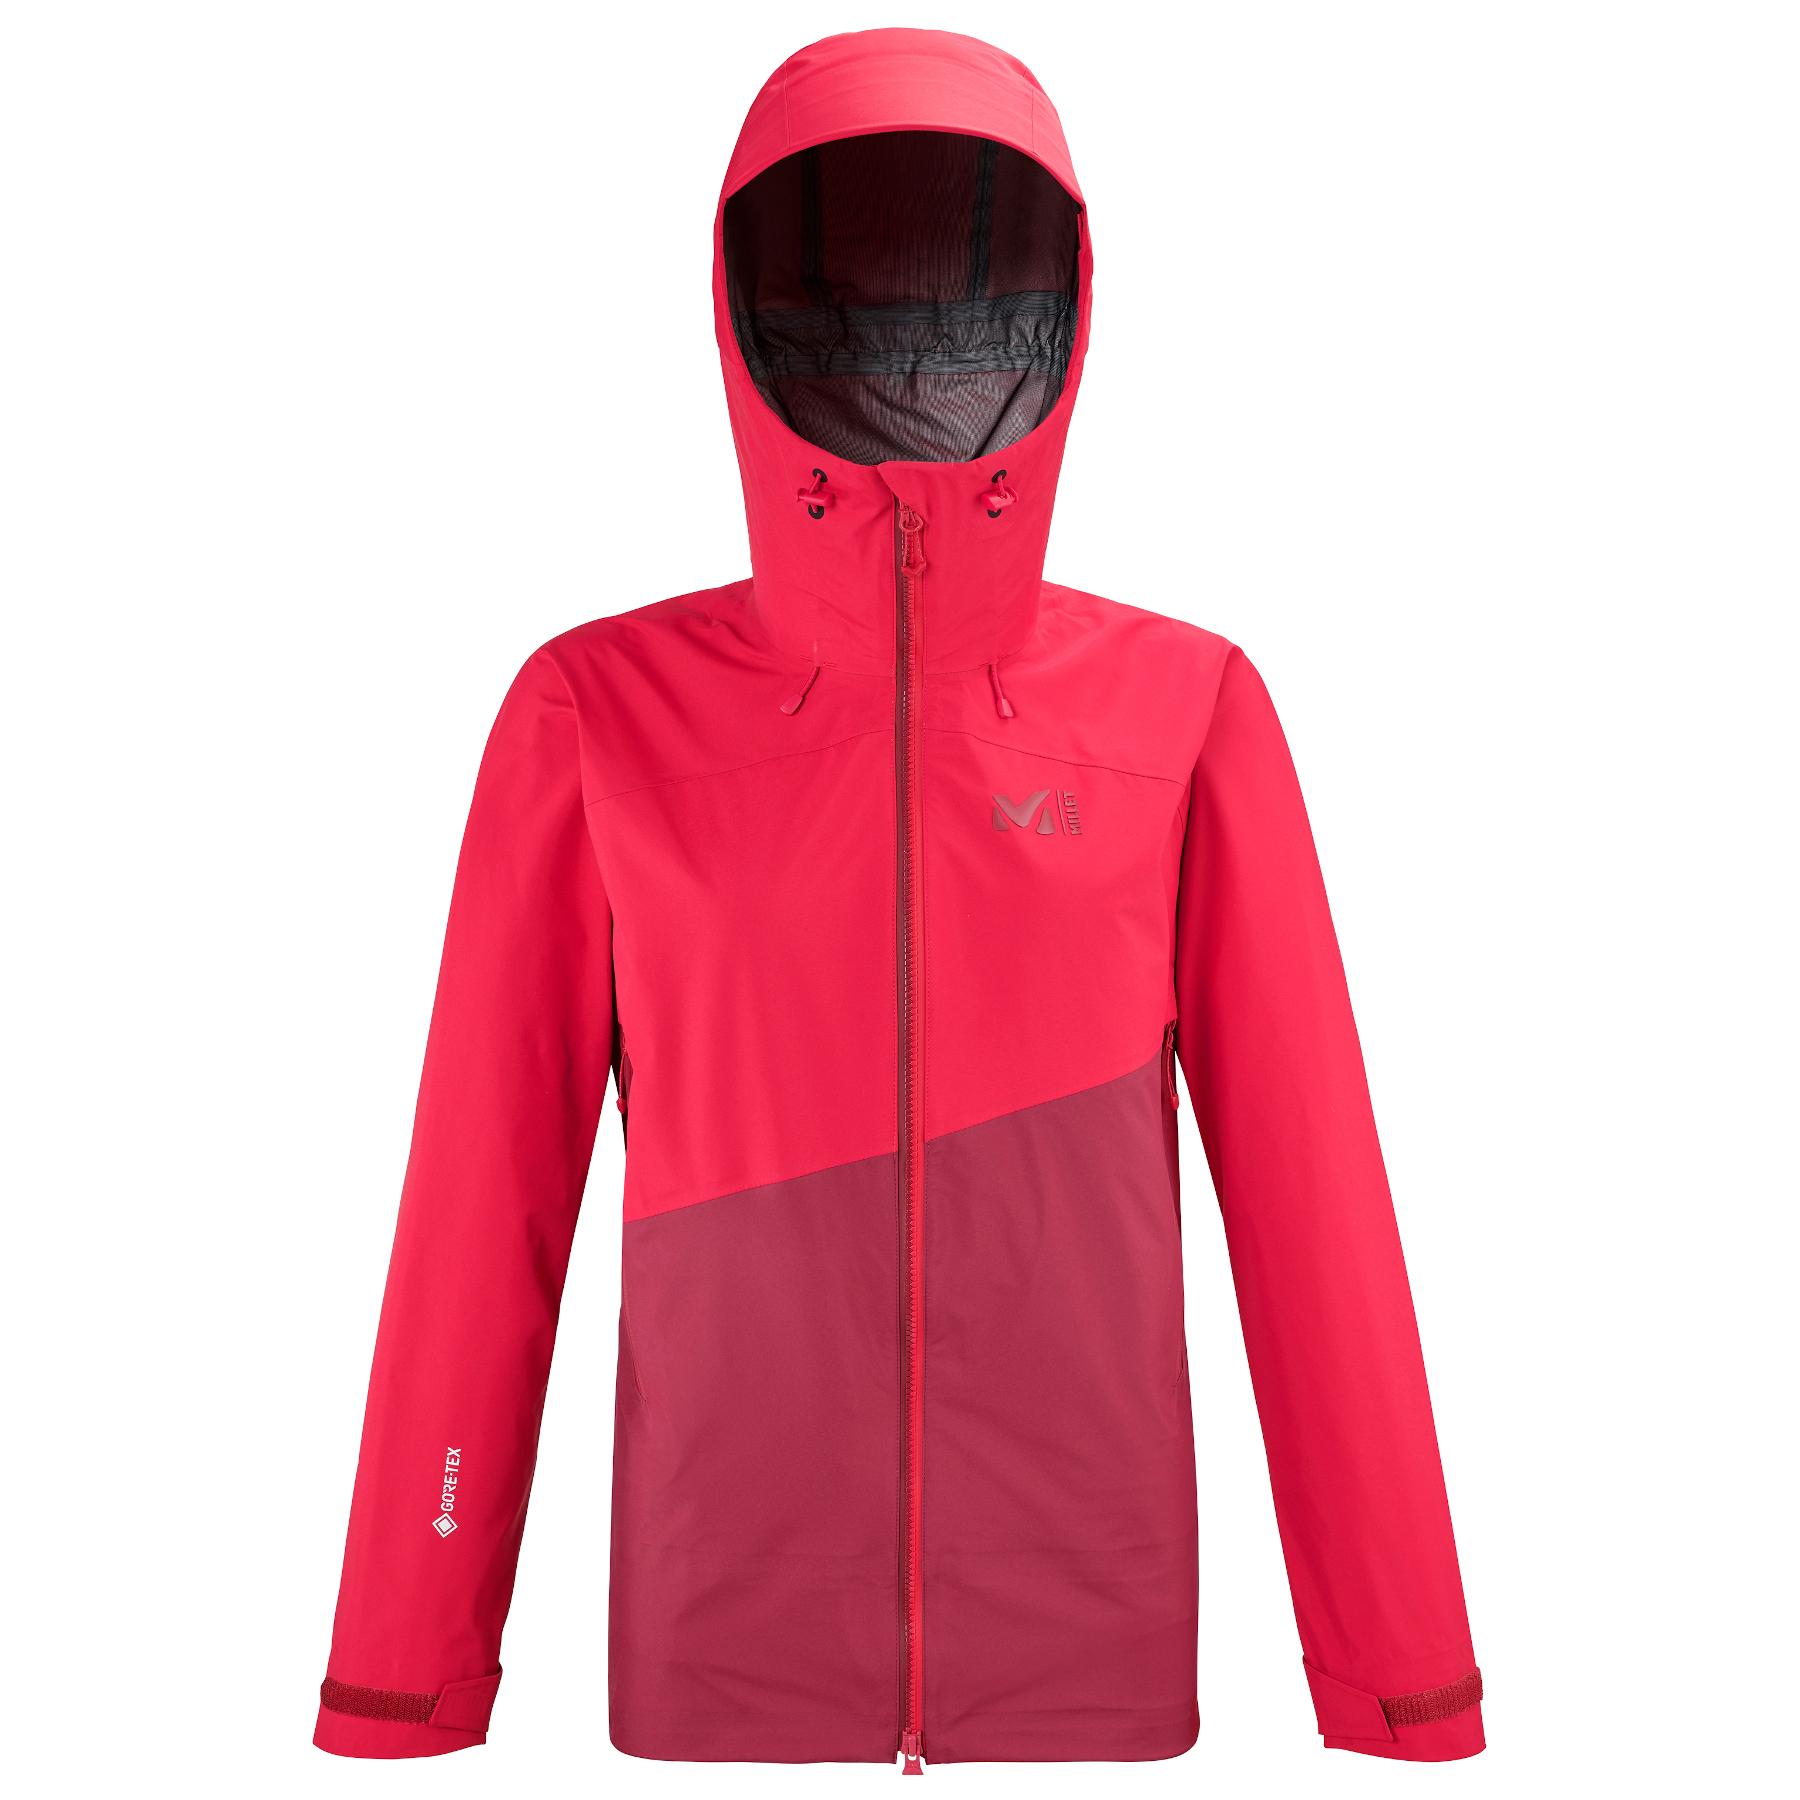 Millet Women's Elevation S GTX Jacket - Tibetan Red/Tango